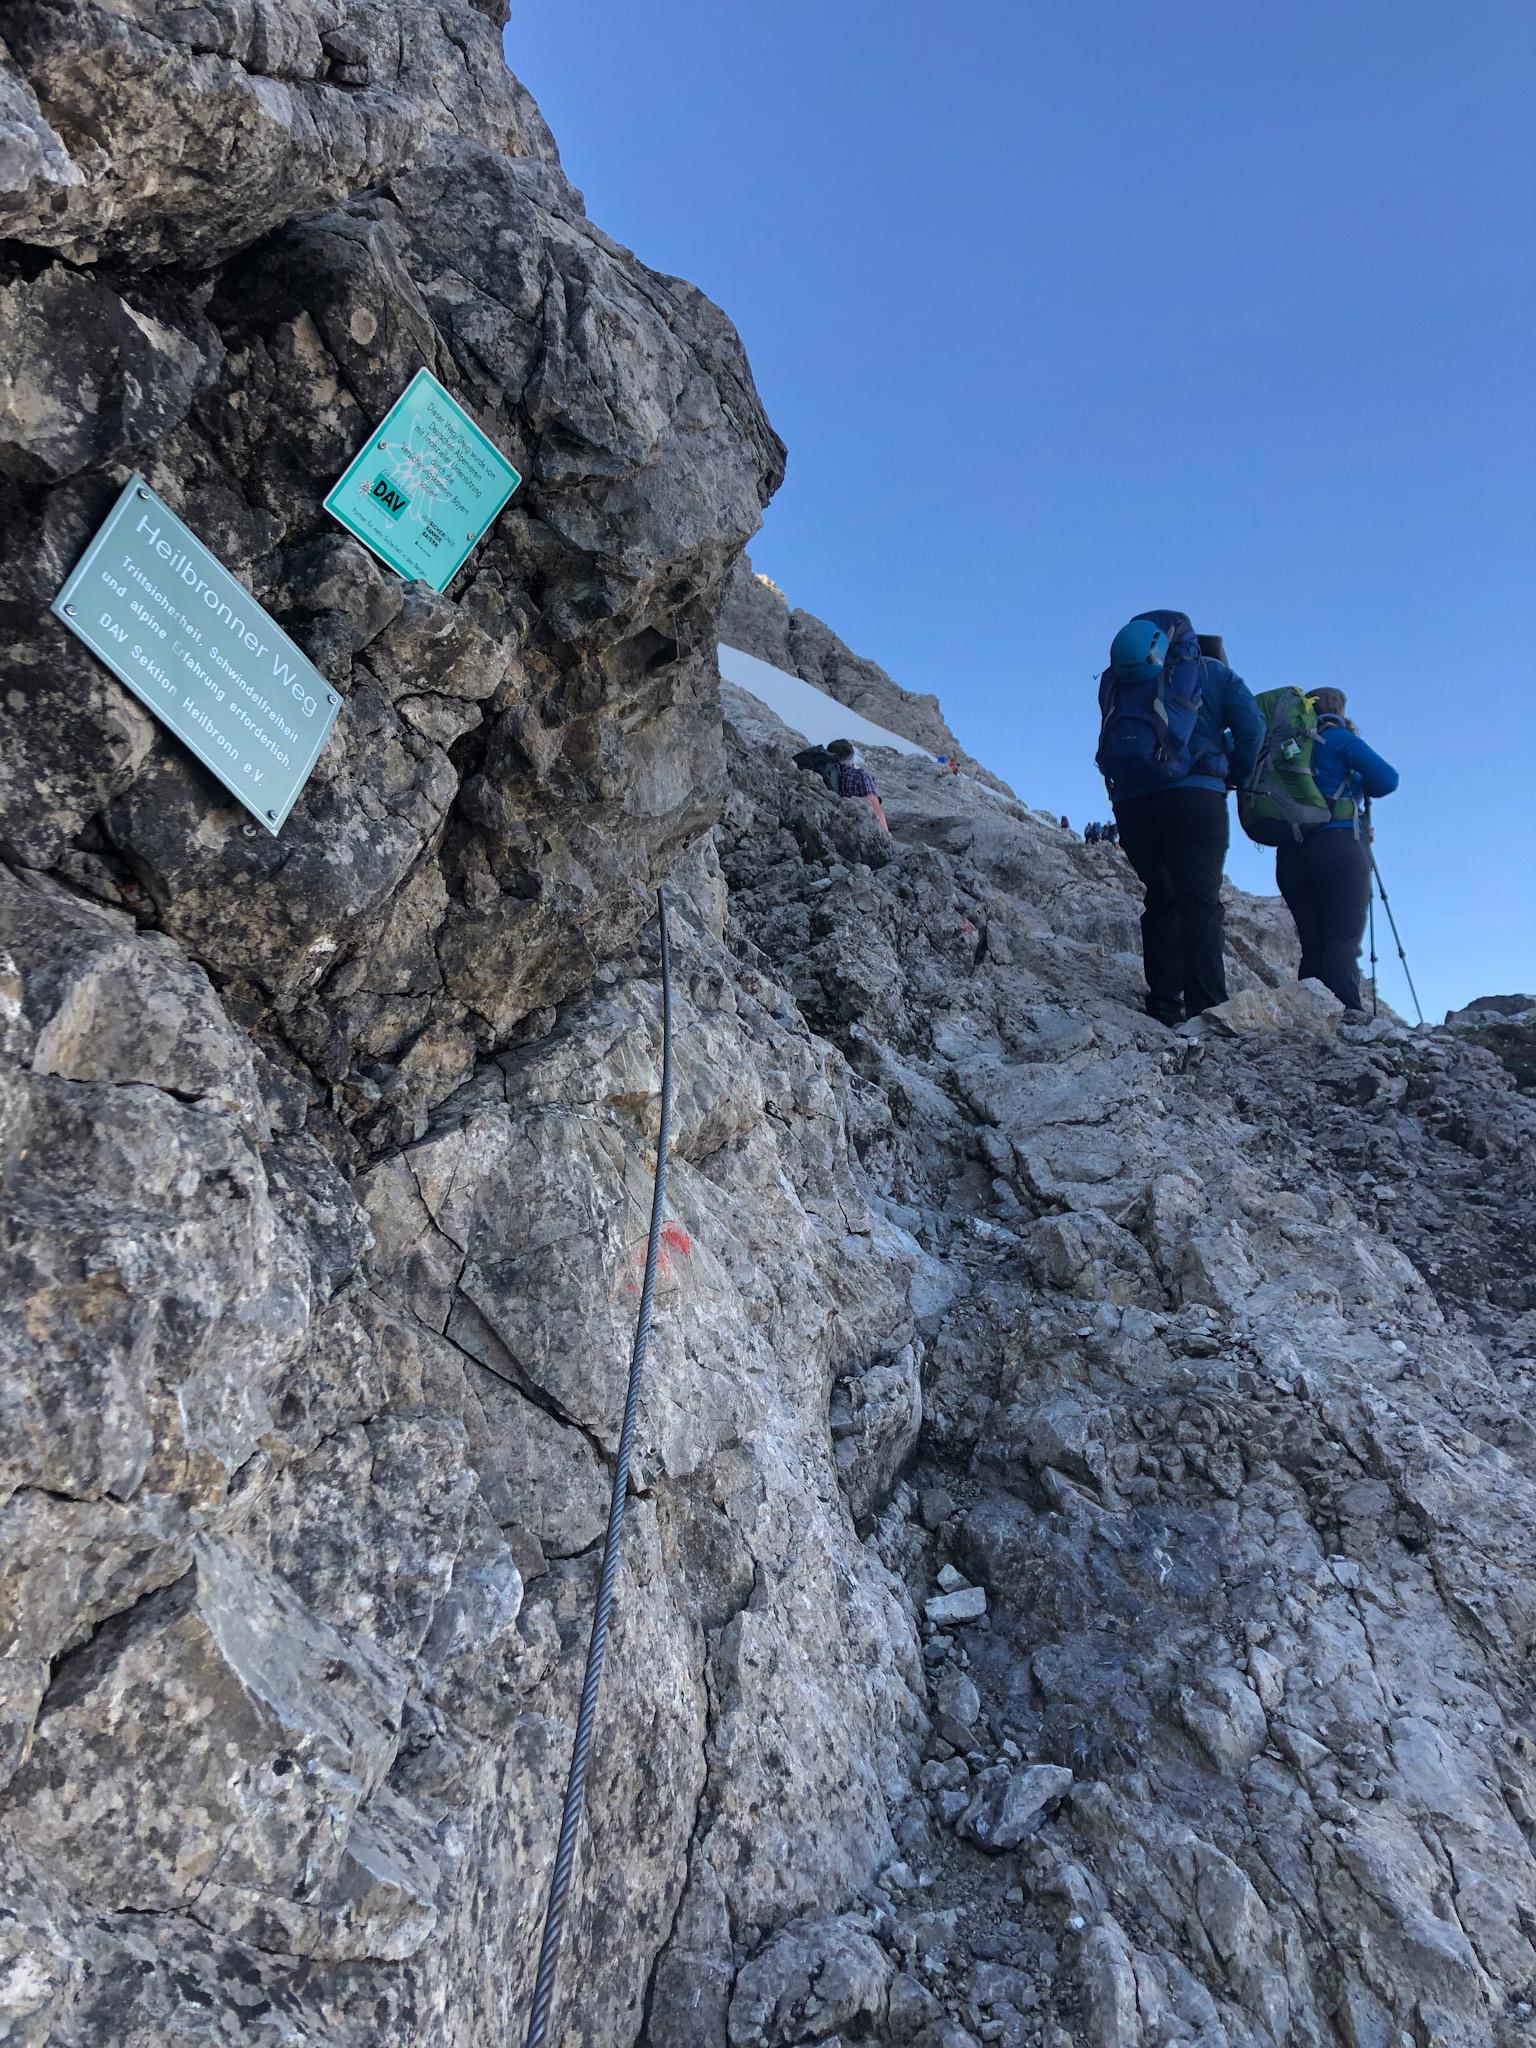 Deux randonneurs évoluent sur le Heilbronner weg dans les Alpes d'Allgäu en Bavière